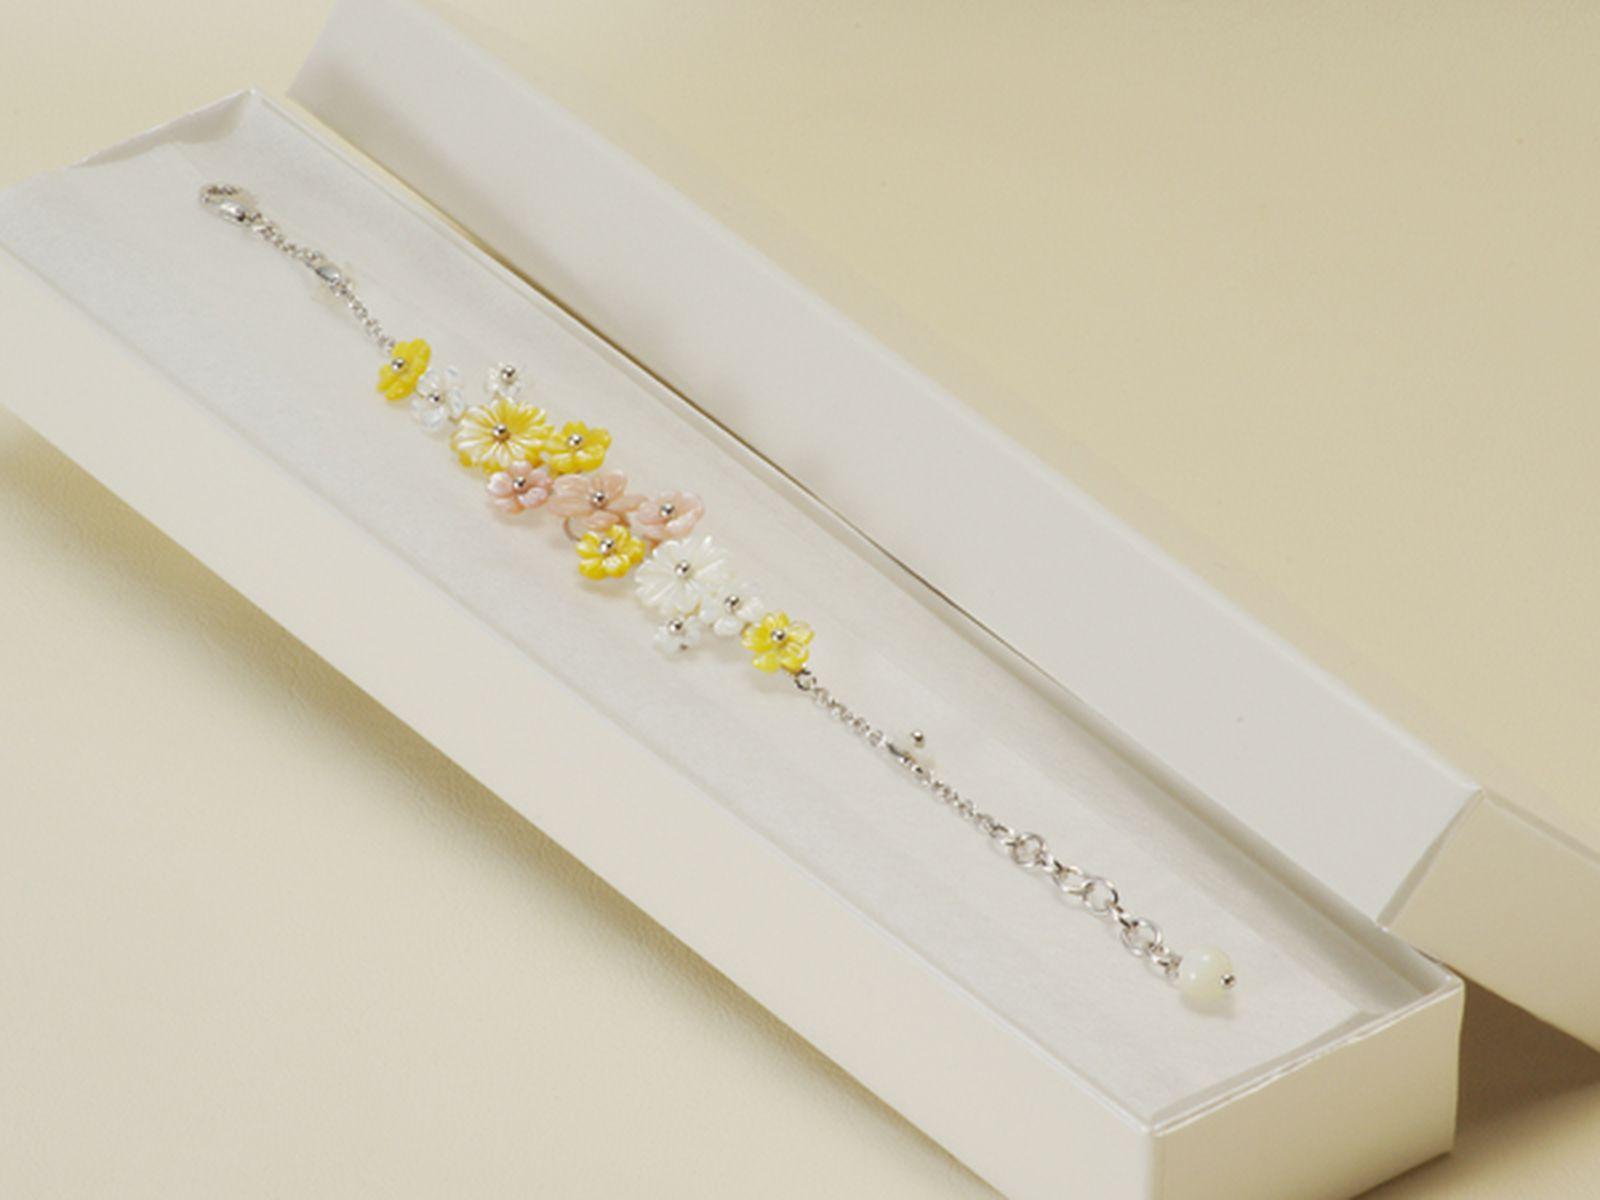 白蝶・池蝶シェルブレスレット 約6.0mmの写真